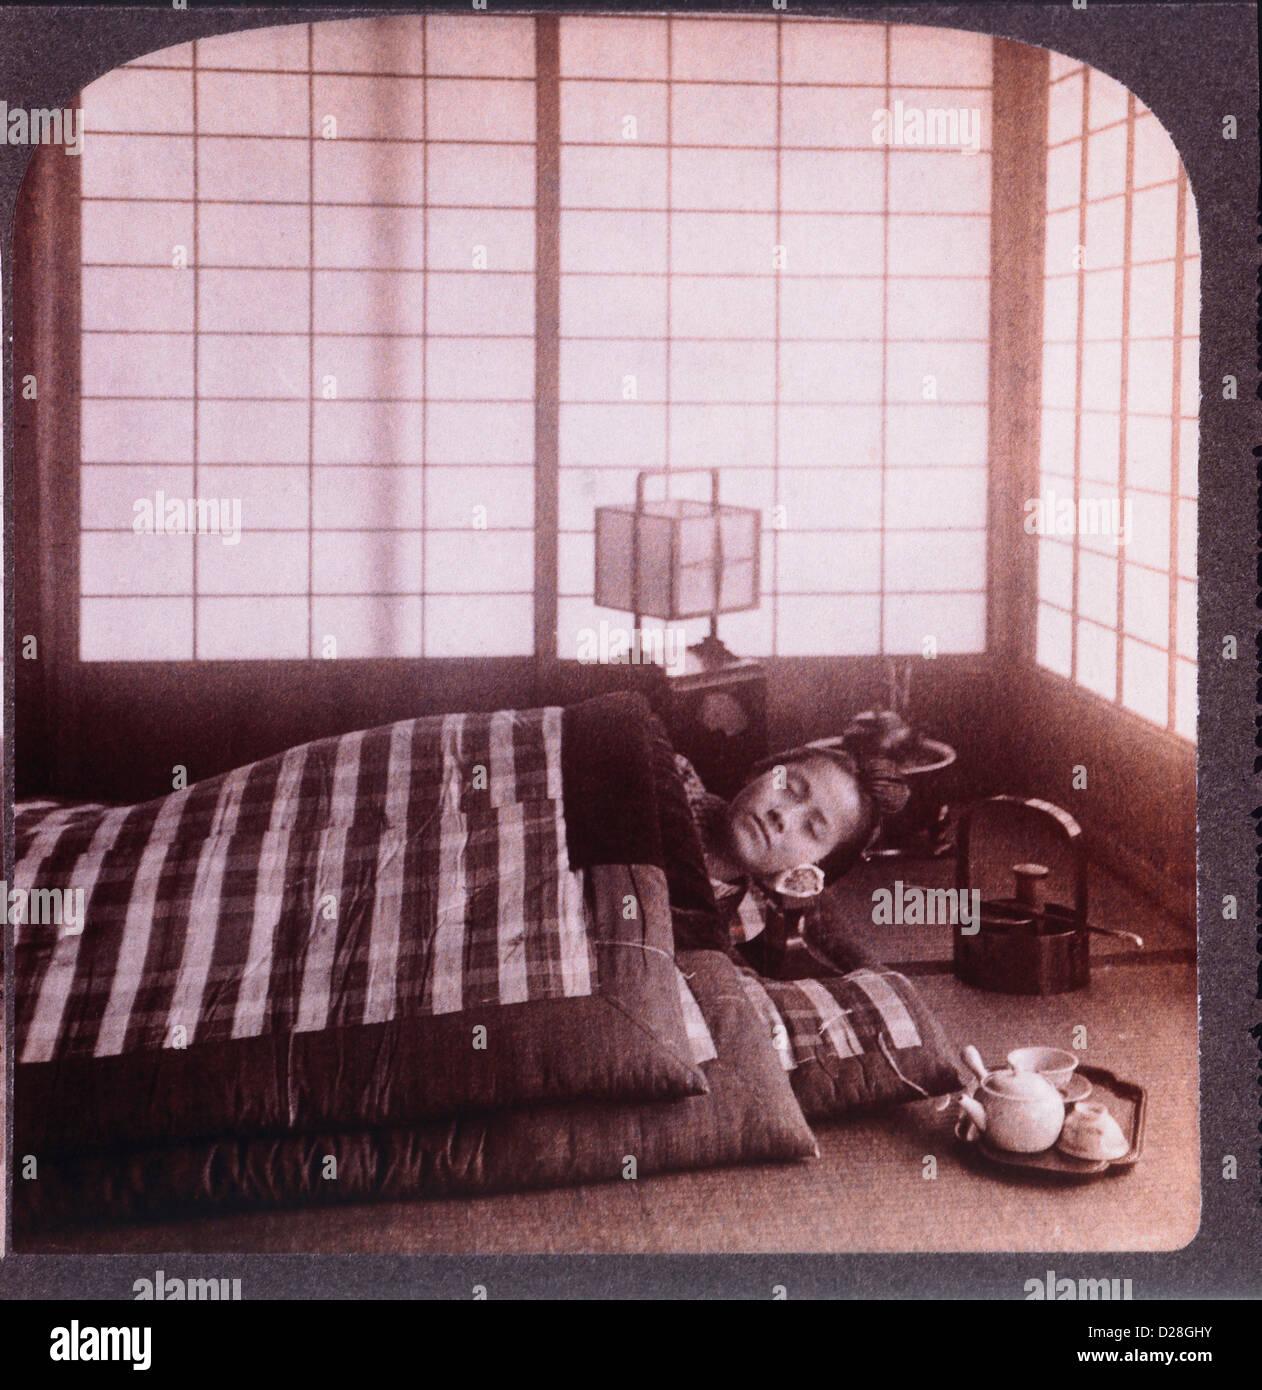 Mujer joven durmiendo entre los futones, Stereo Fotografía, 1904 Imagen De Stock